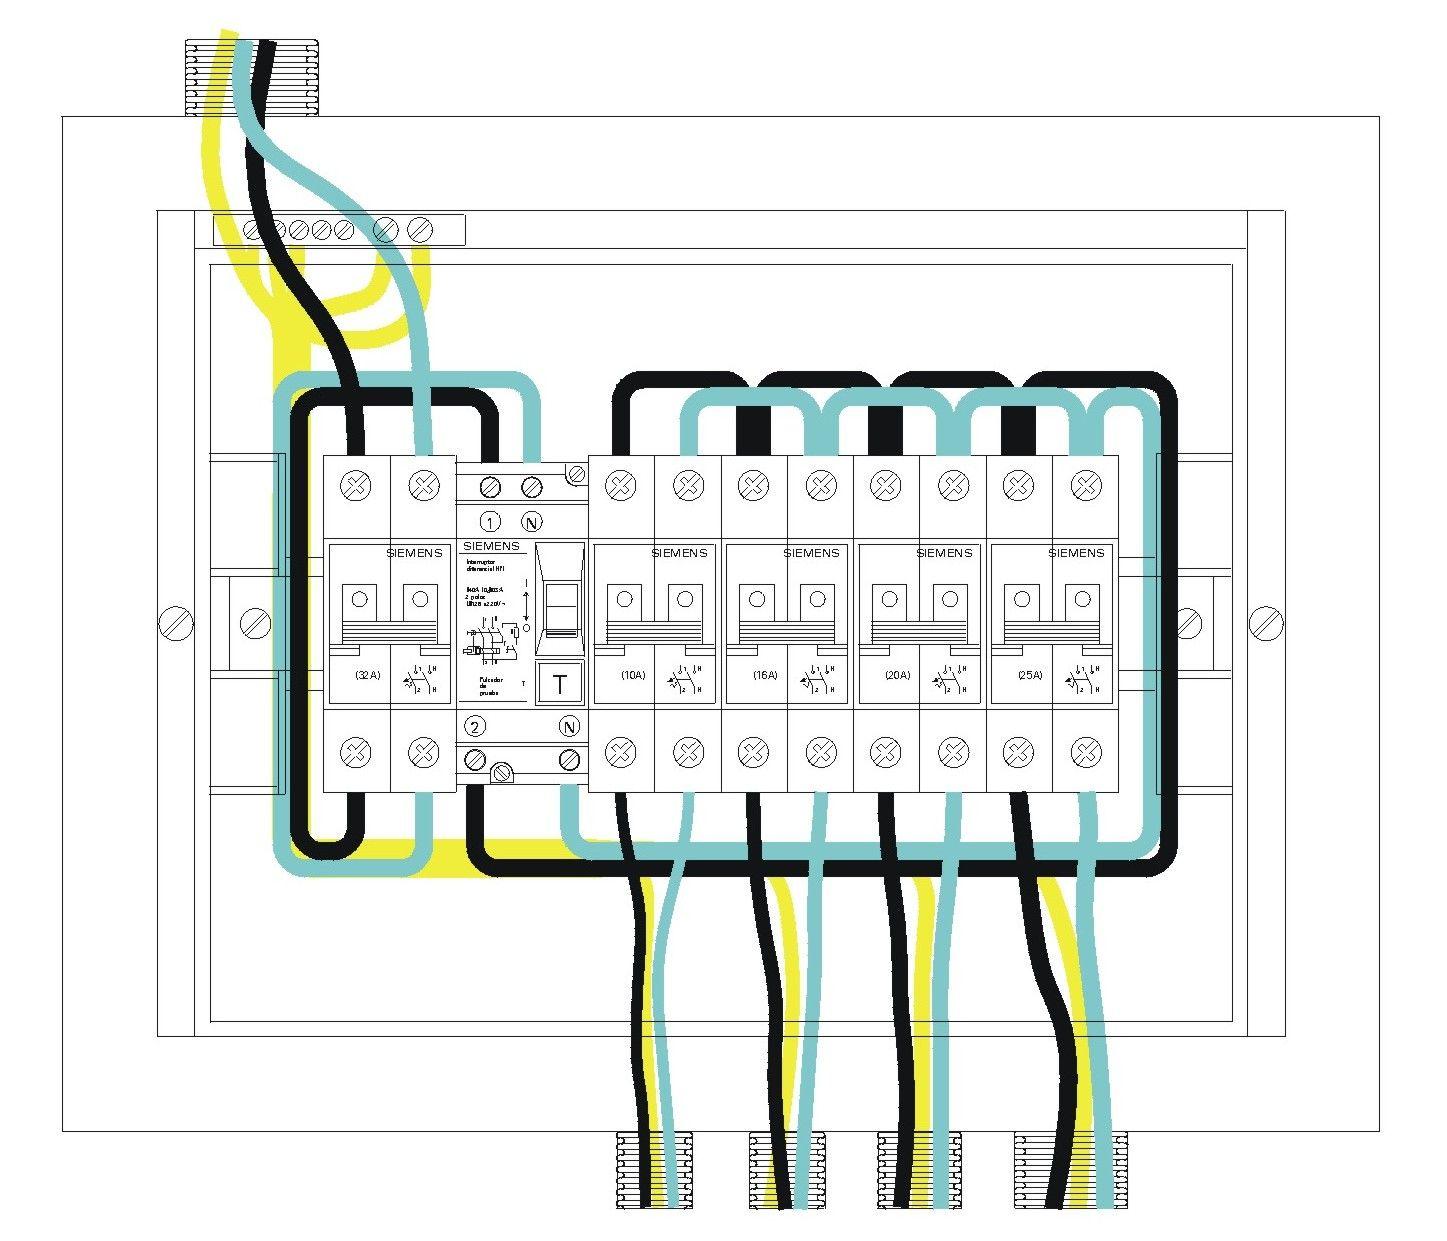 Circuito Unilineal : Diagramas unilineales esquemas de circuitos eléctricos tableros